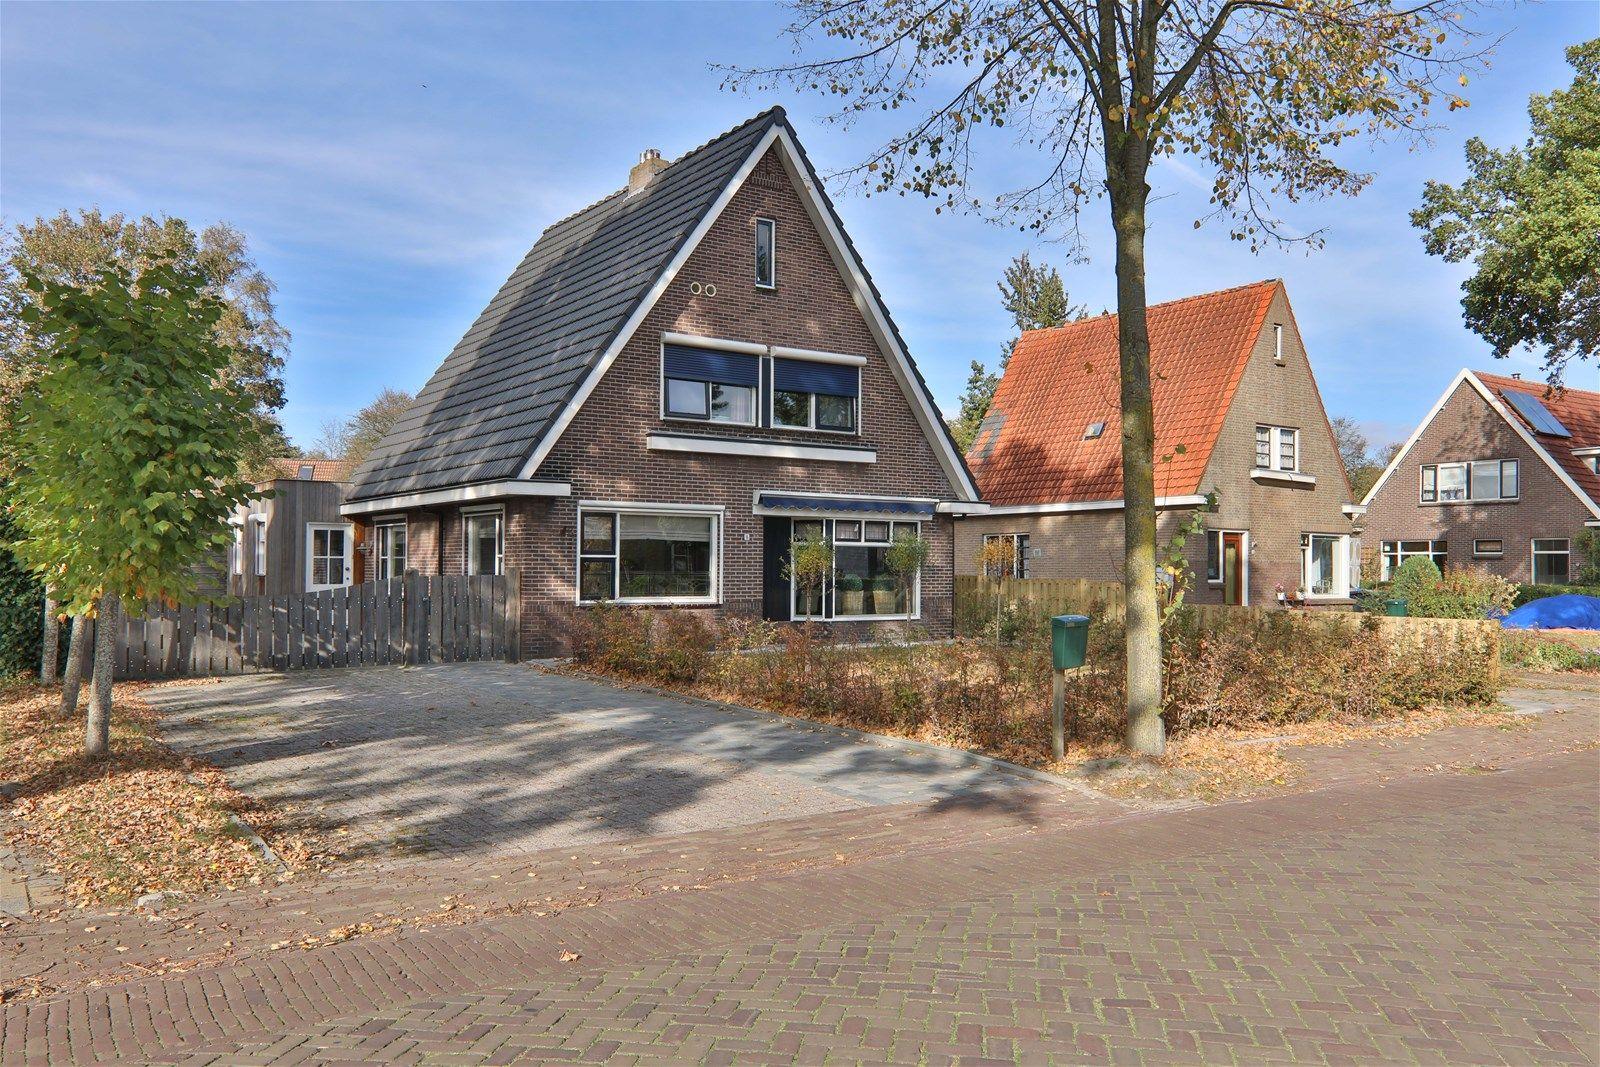 Burgemeester Tonckensstraat 16, Zuidwolde